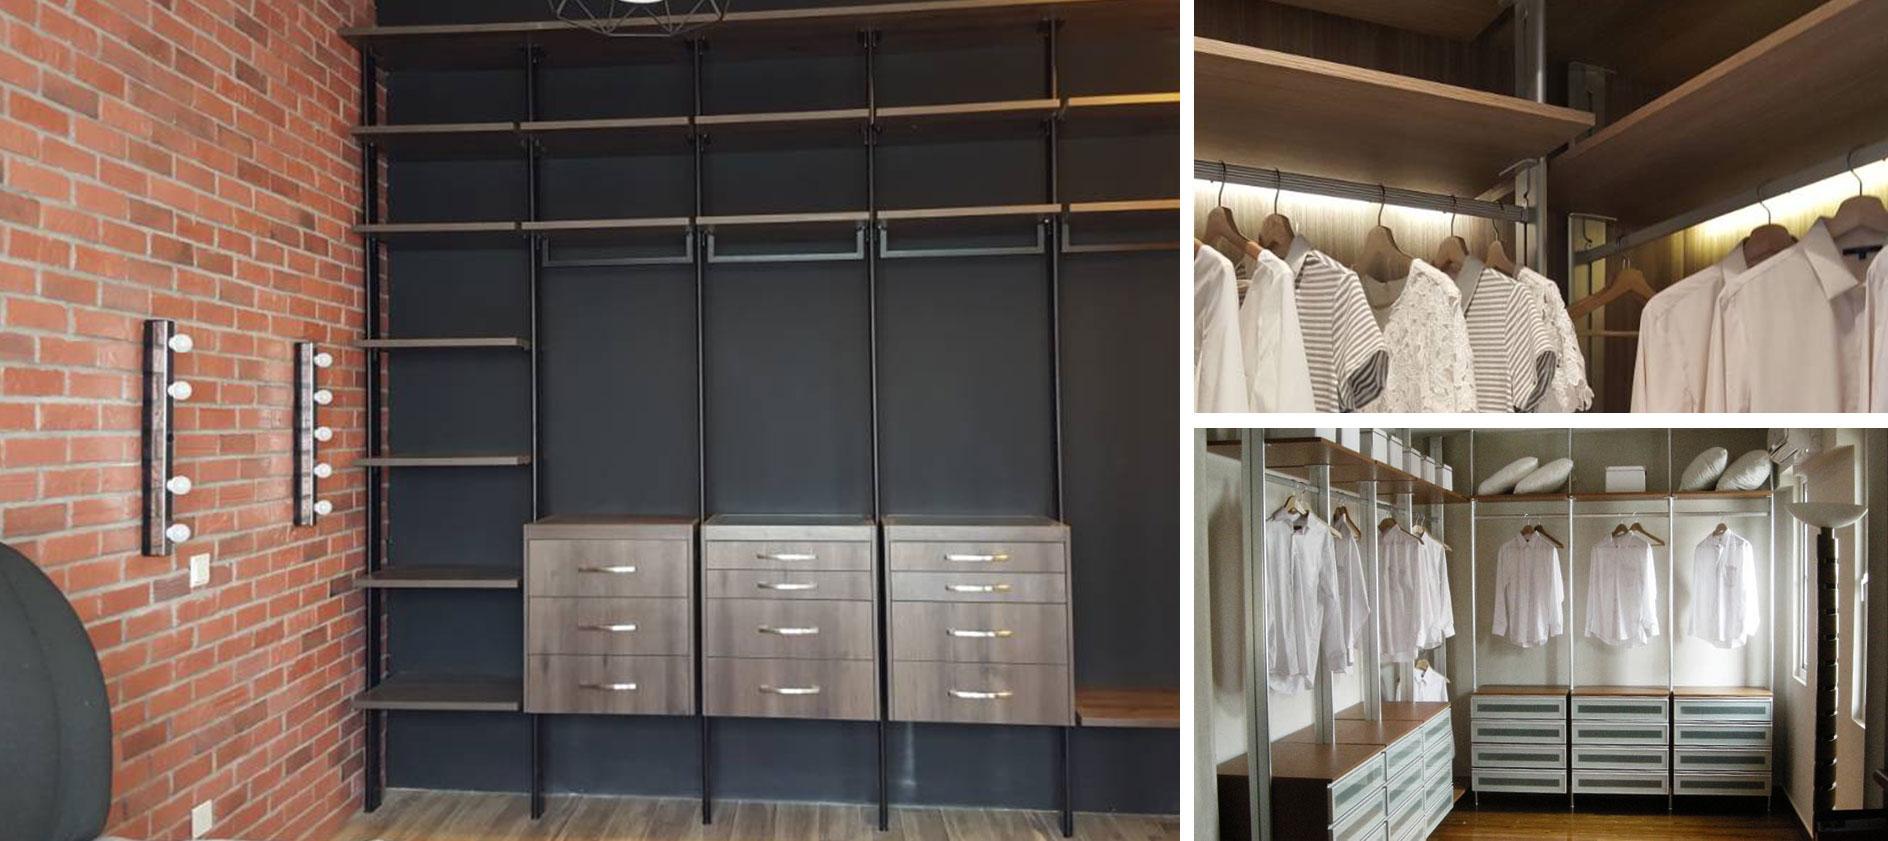 Oval Pole System Malaysia | Aluminium Pole System Malaysia | wardrobe Pole System Malaysia - Kasity Marketing